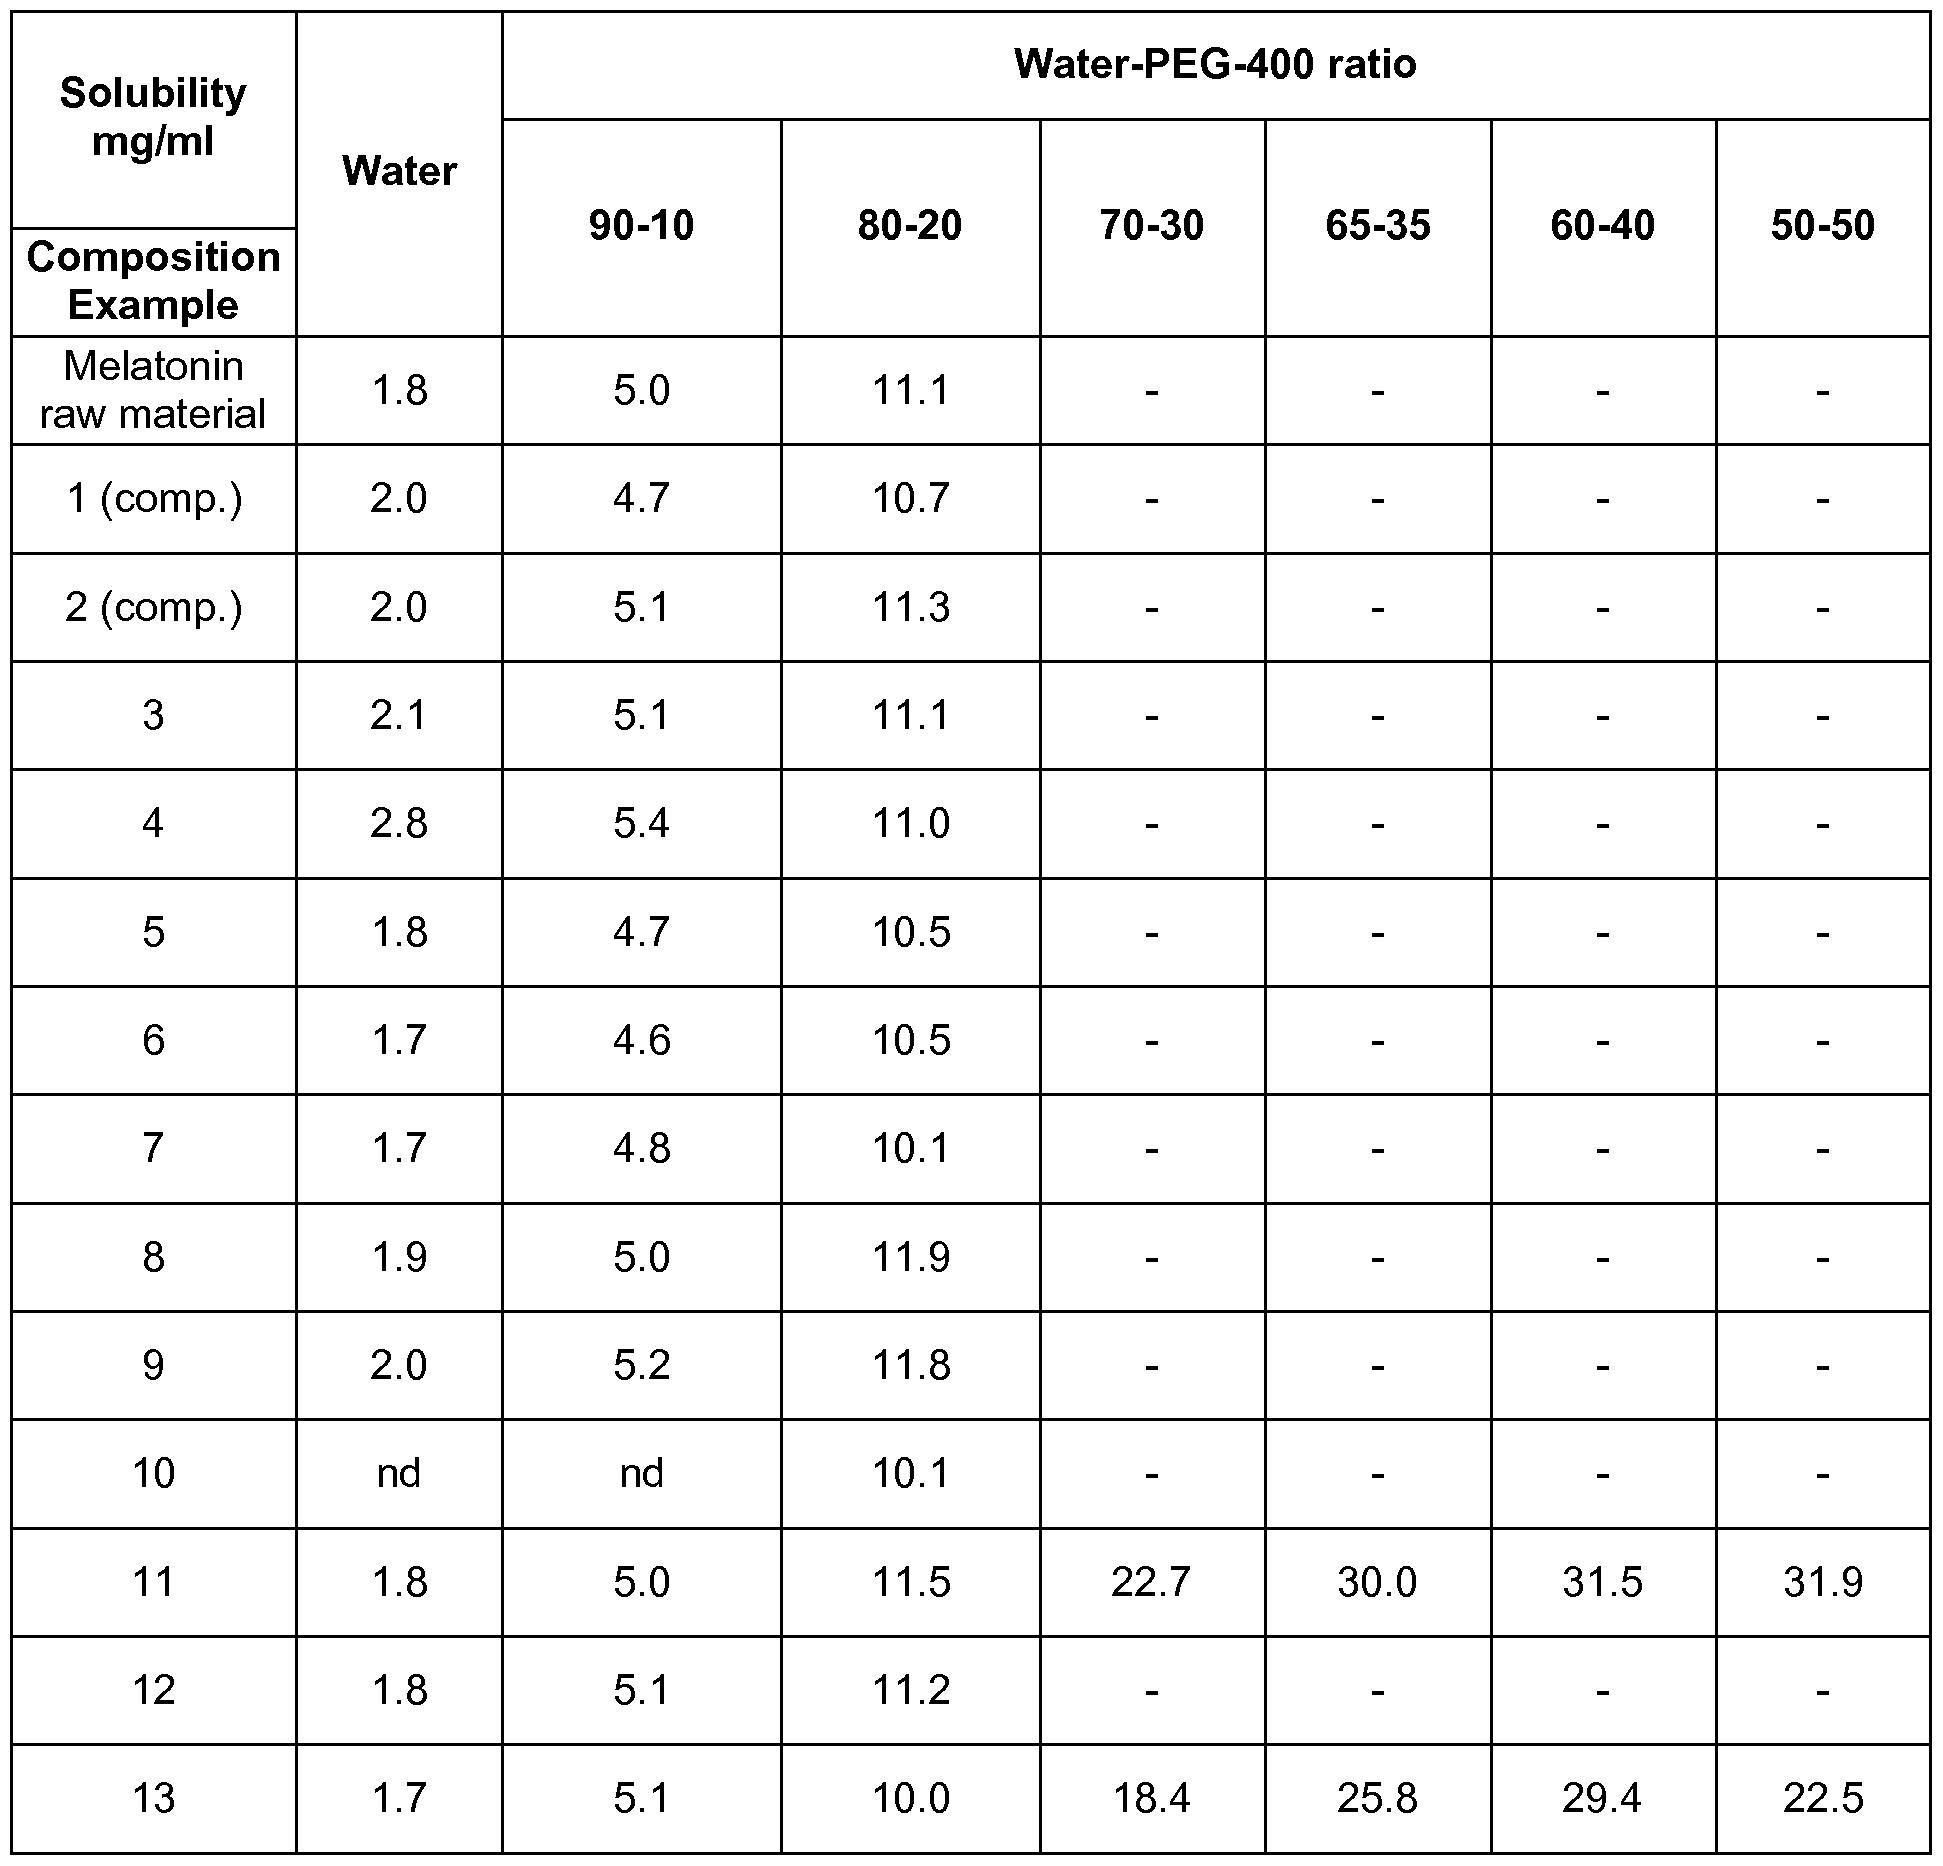 Optimal melatonin dose: 0.3 mg